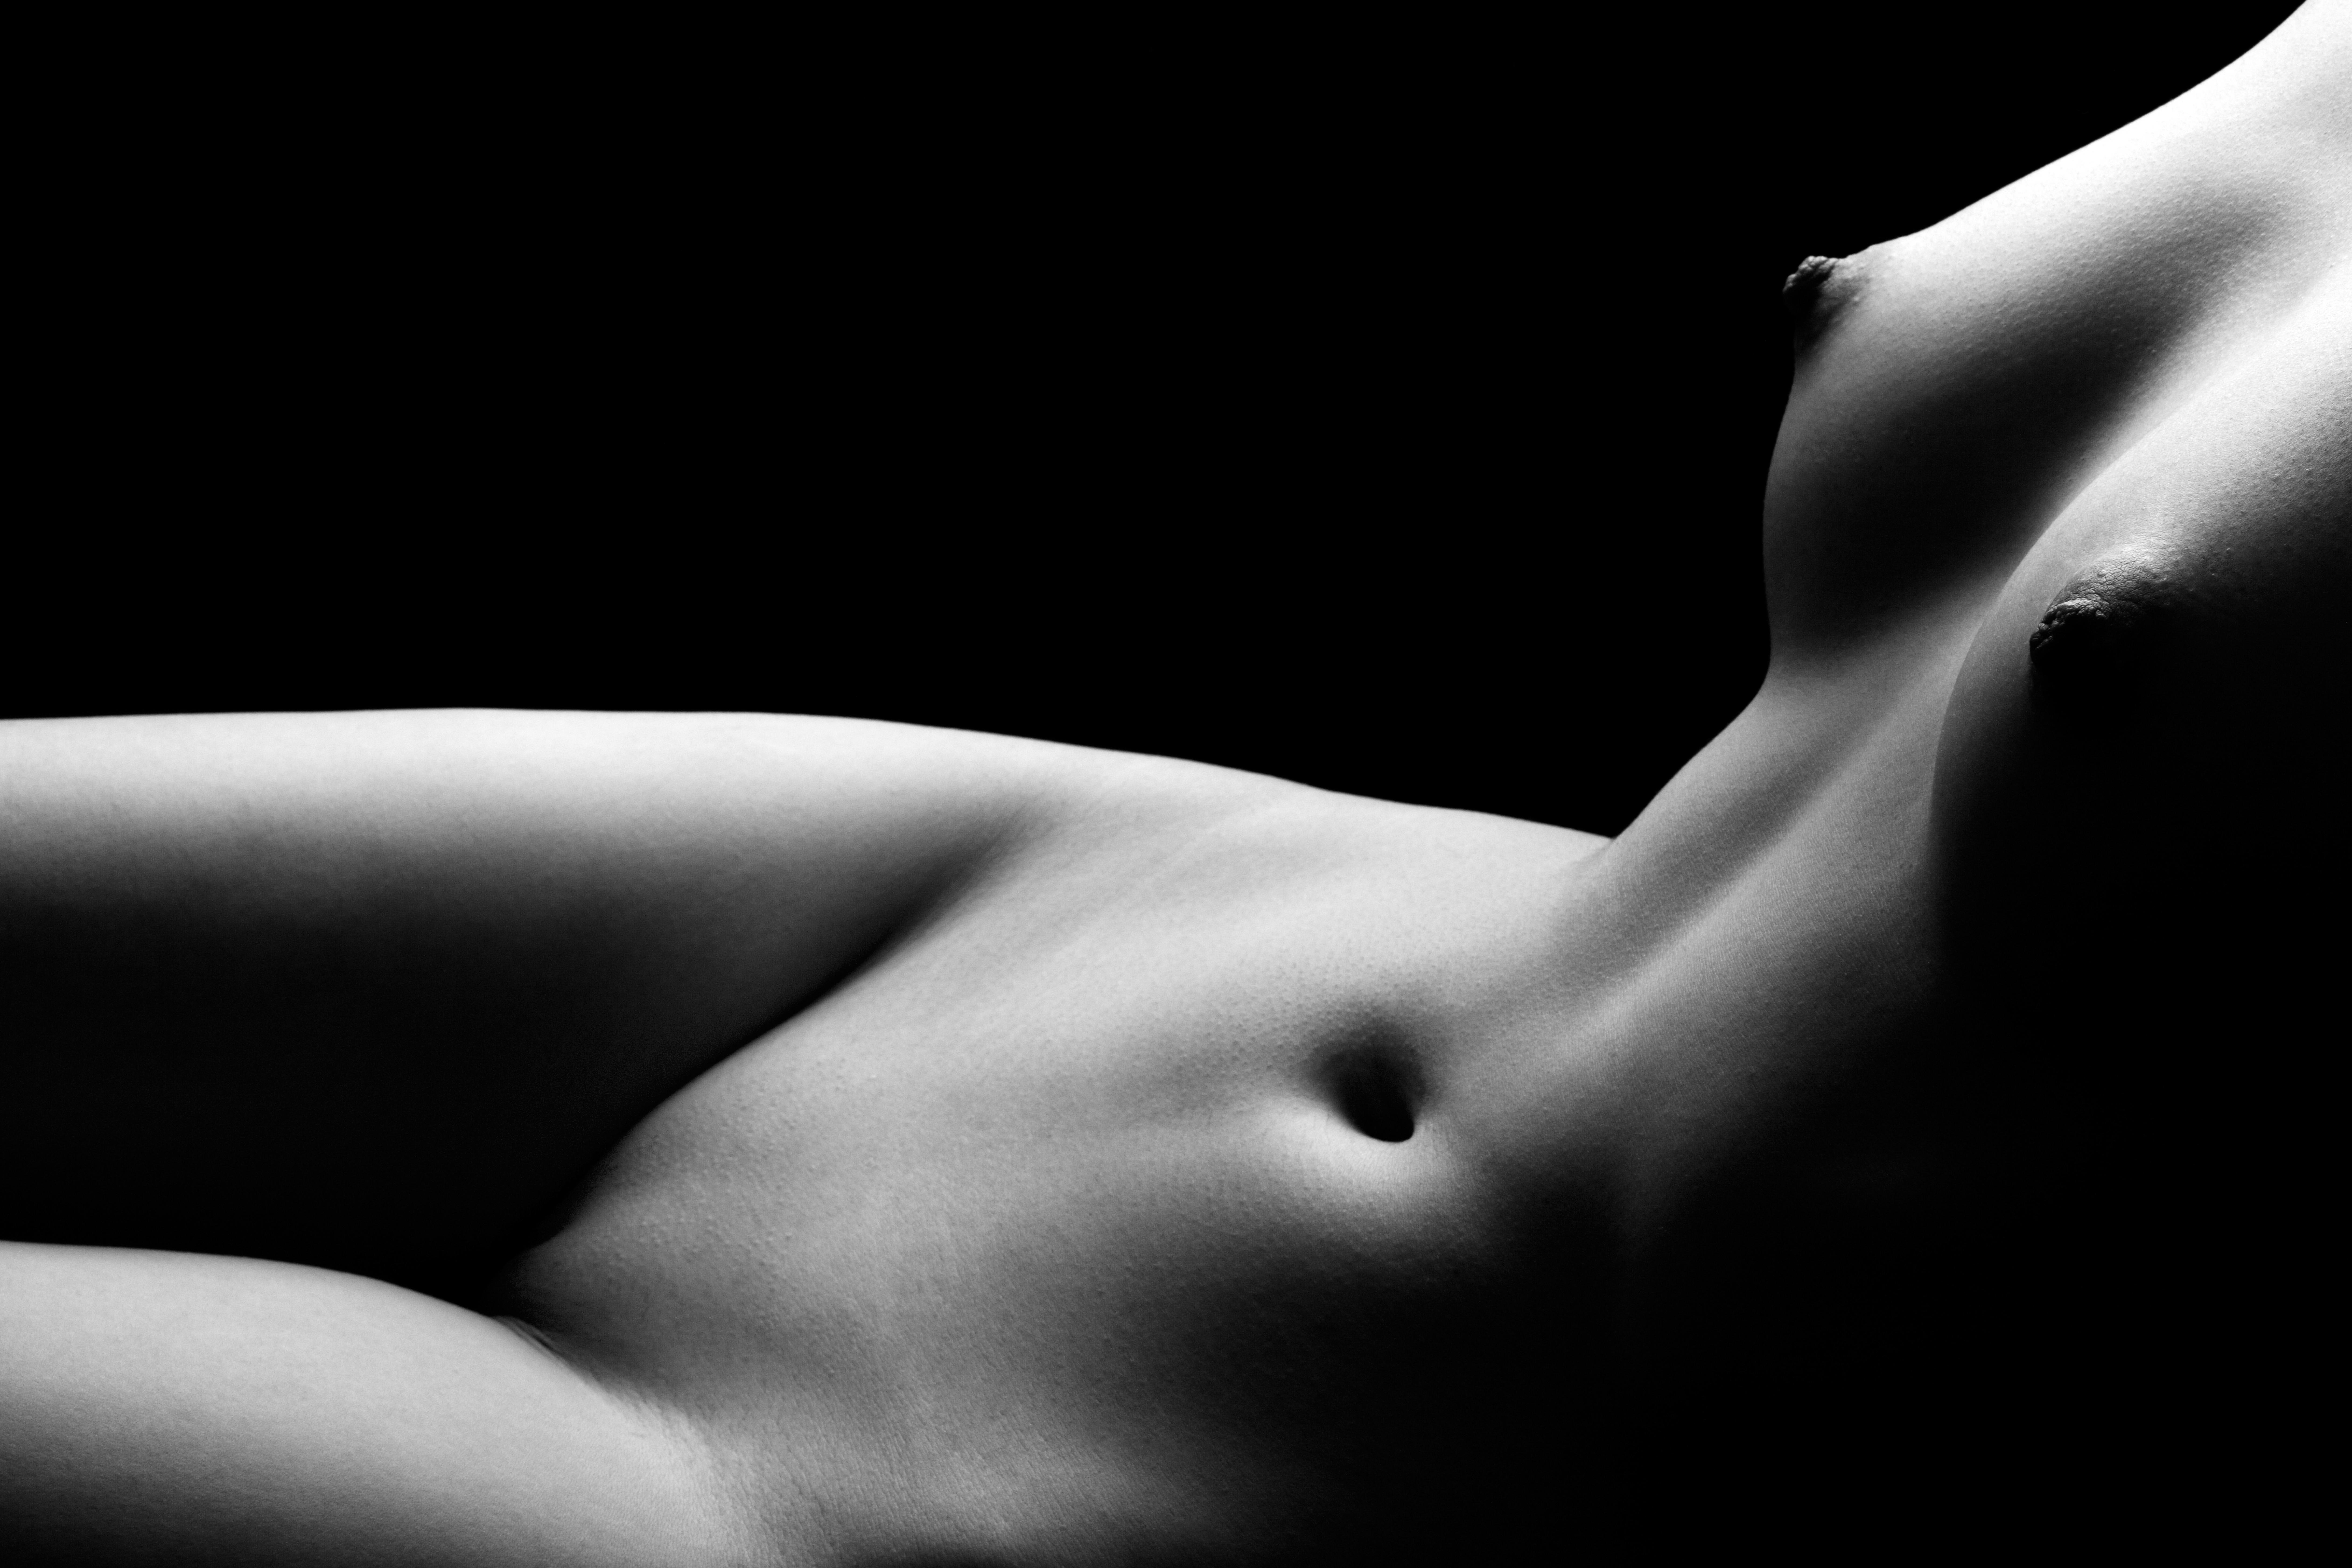 Эротика обнаженное тело 24 фотография